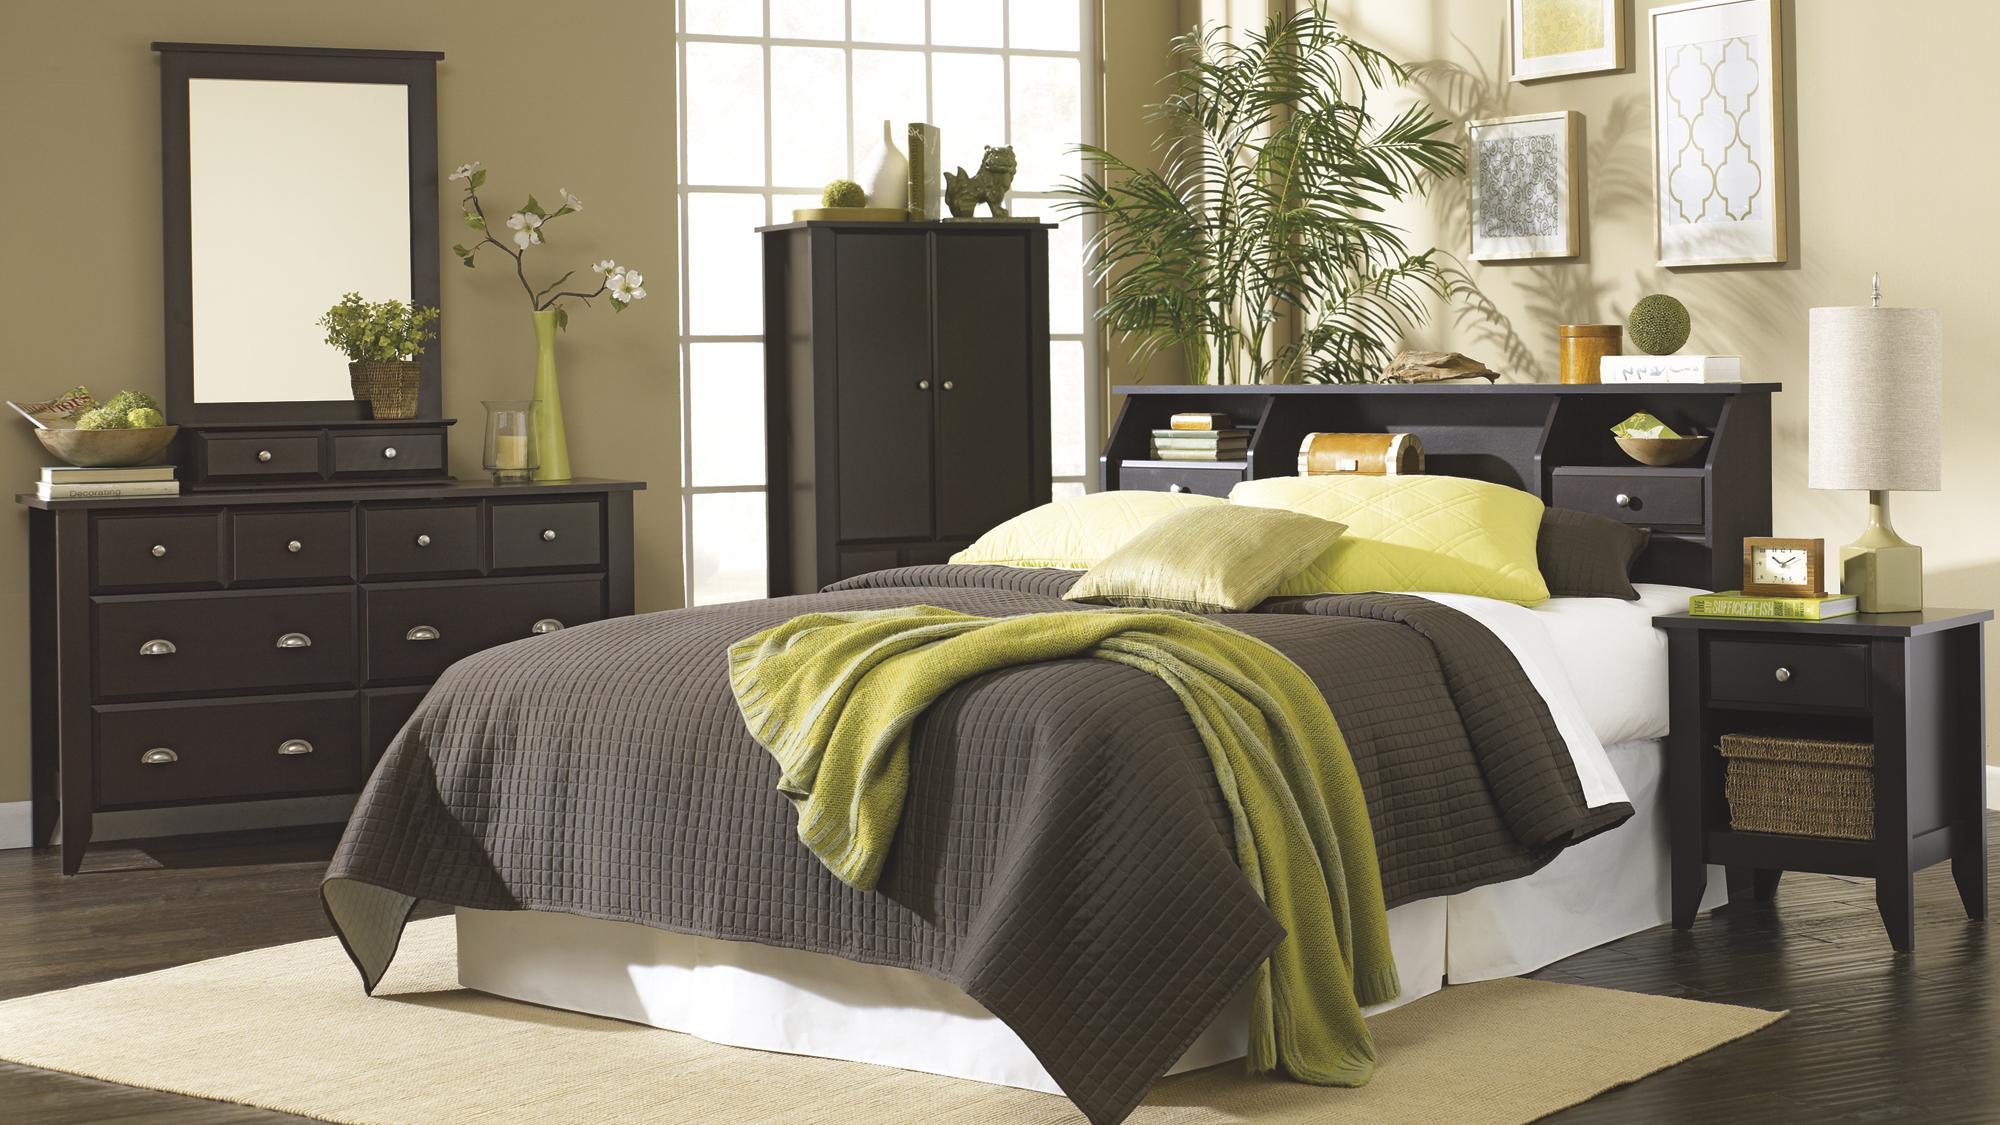 Shoal Creek 409000 By Sauder John V Schultz Furniture Dealer